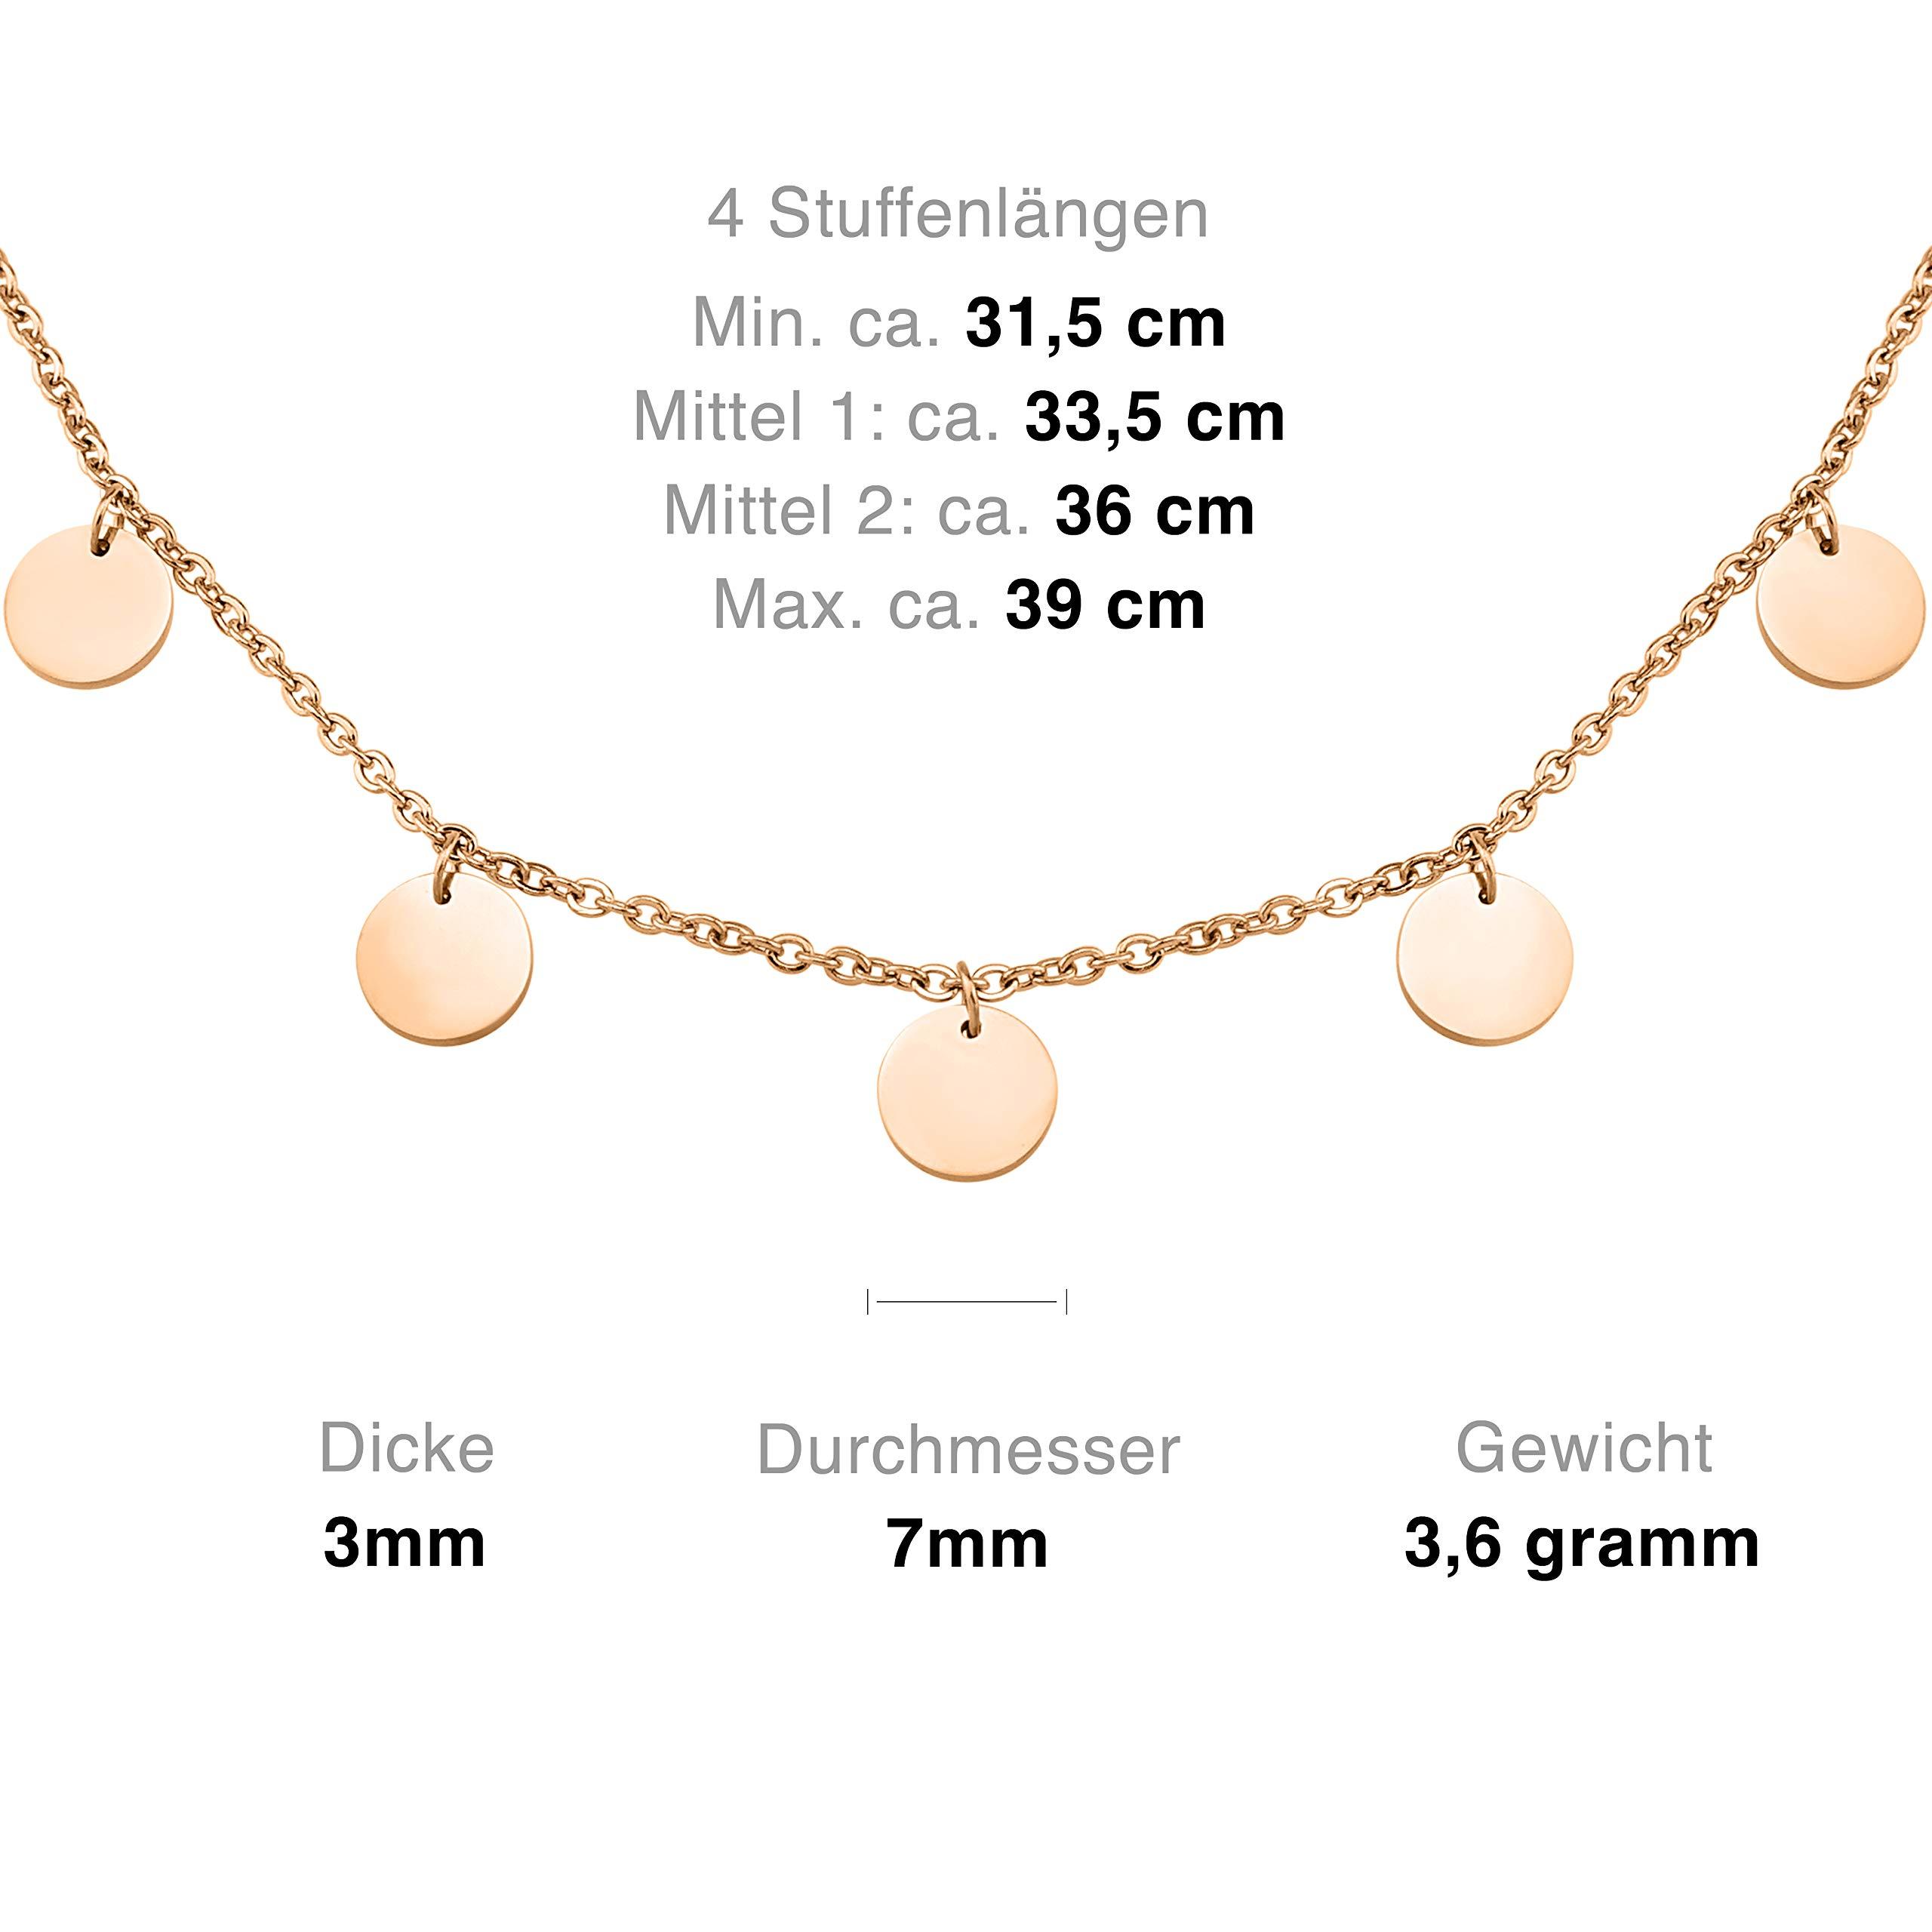 ea5aac452205 Schöne Halskette aus Edelstahl mit Plättchen in Farbe Rosegold für Damen  mit verstellbarer Länge   wundervoller